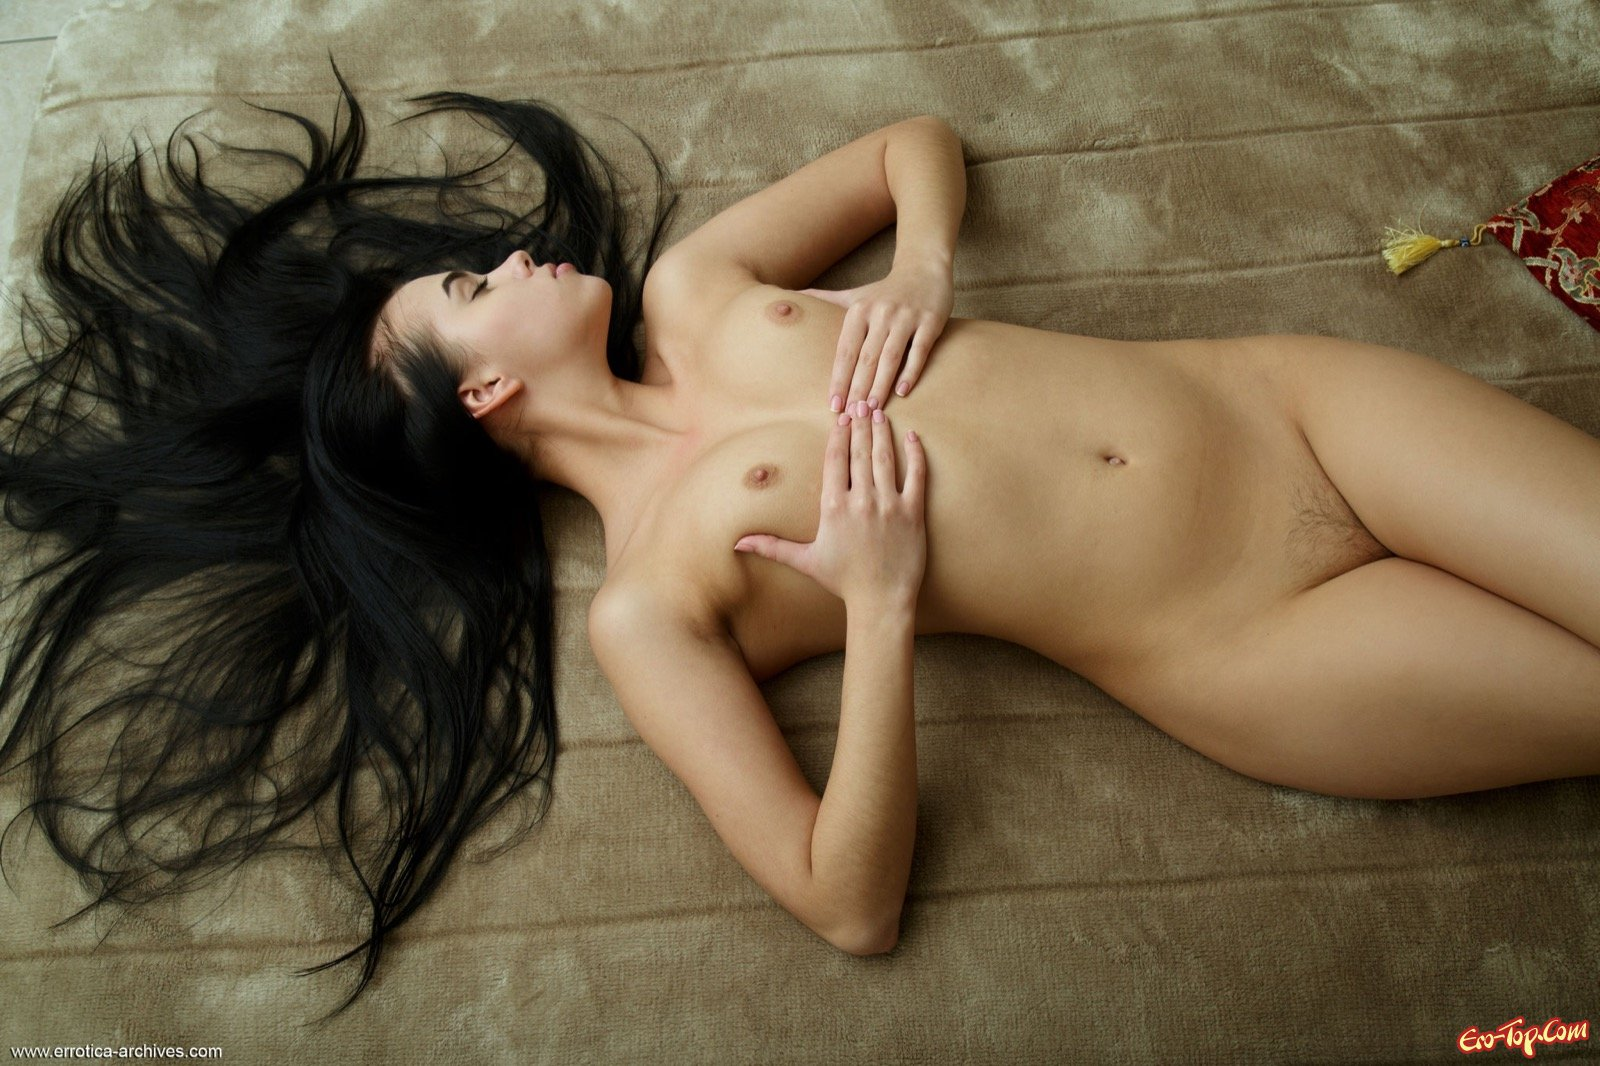 Сексуальная брюнетка позирует в обнаженном виде